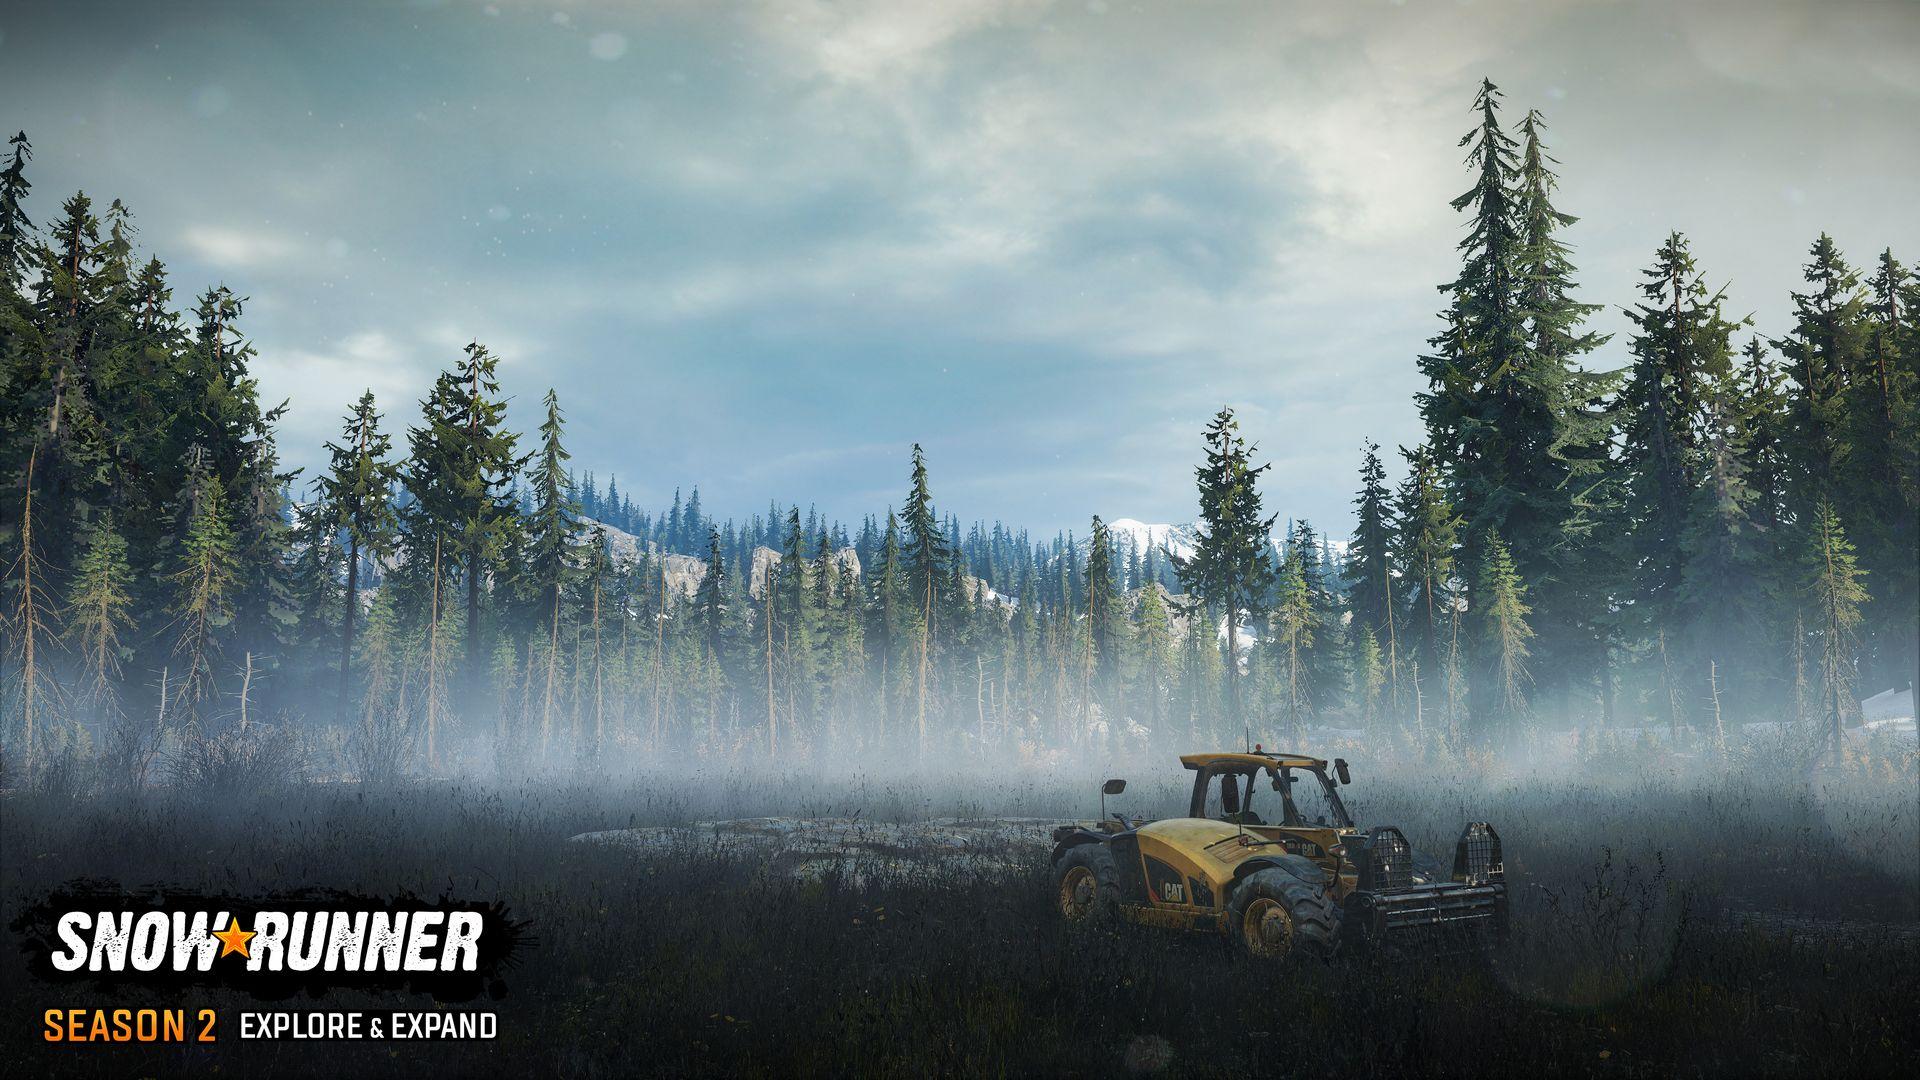 Snowrunner will launch season 2 on November 16